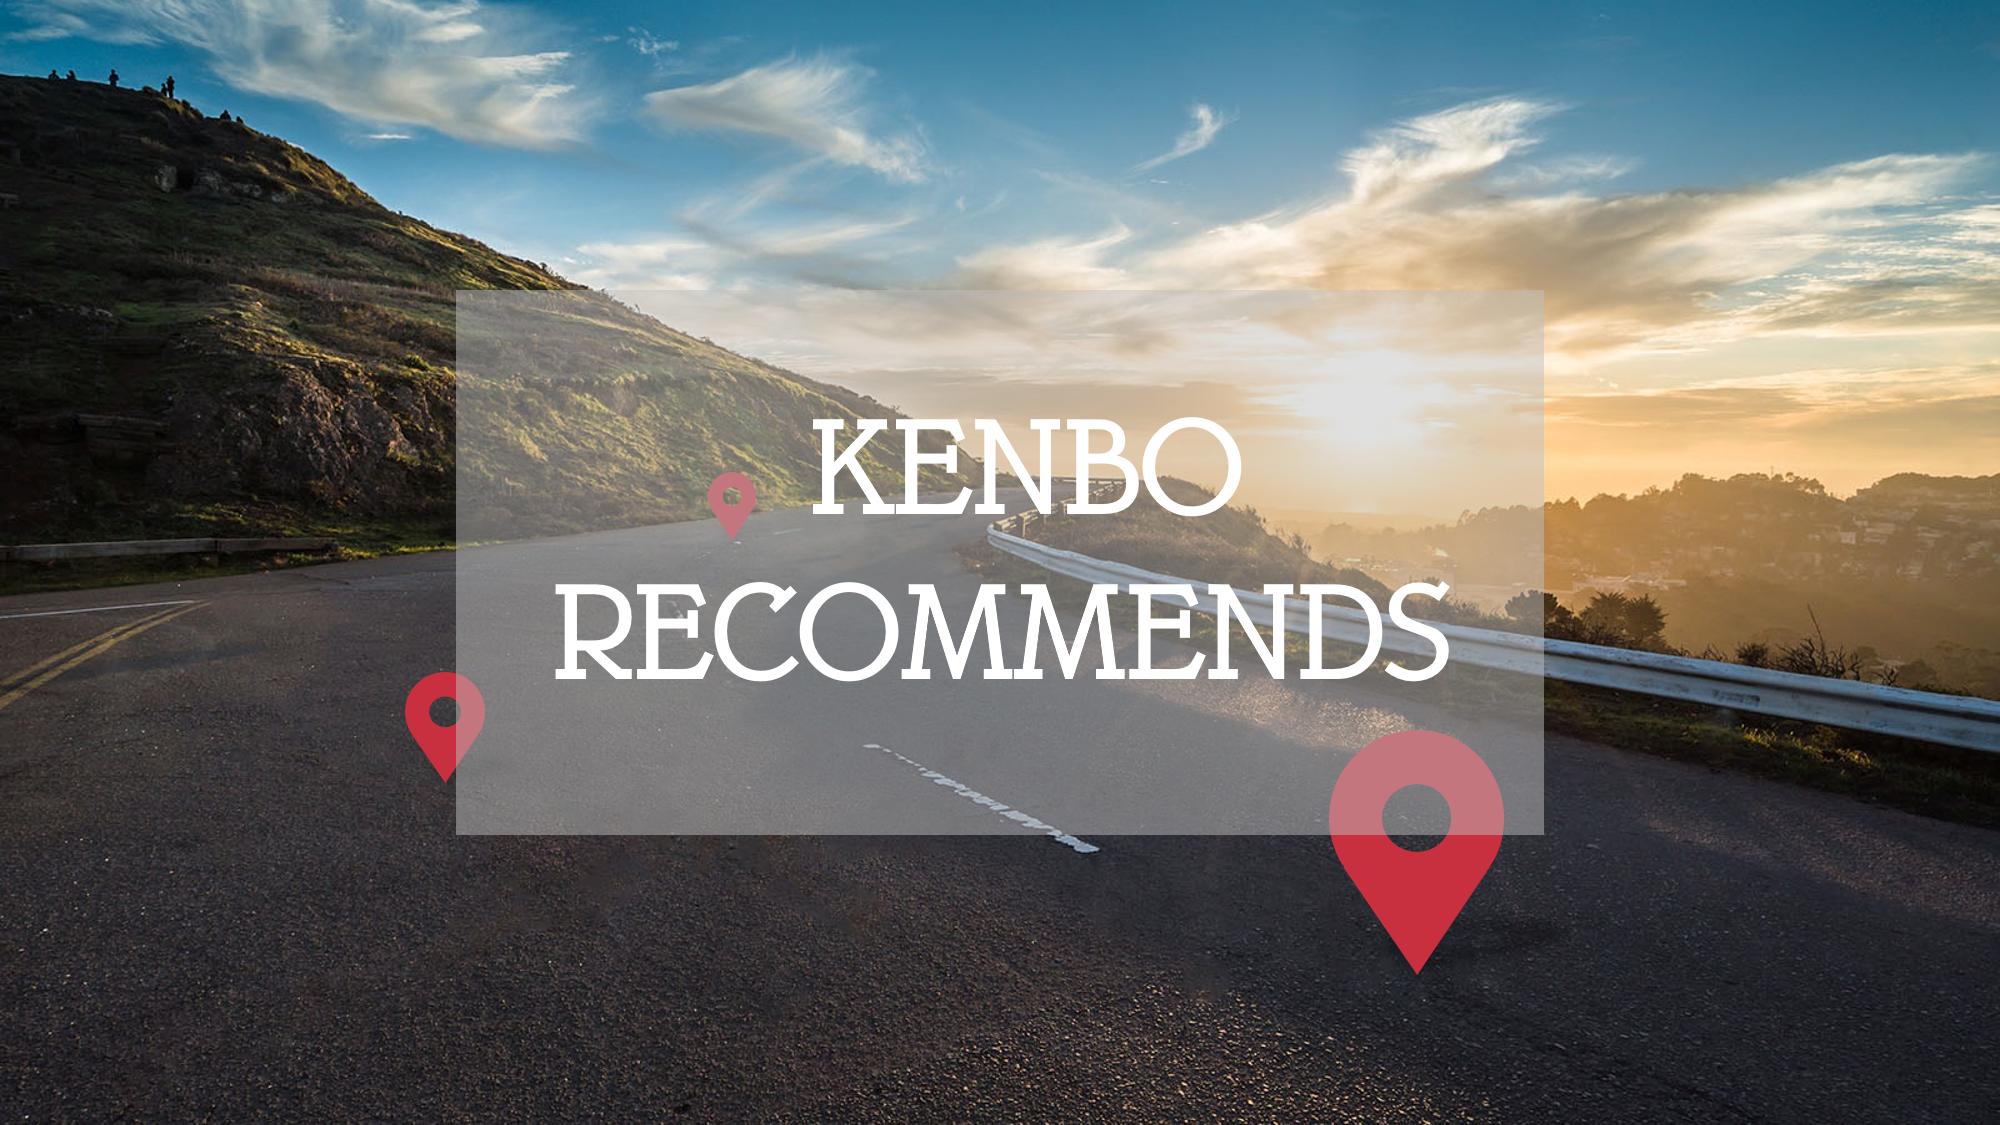 KENBO 紹介商品